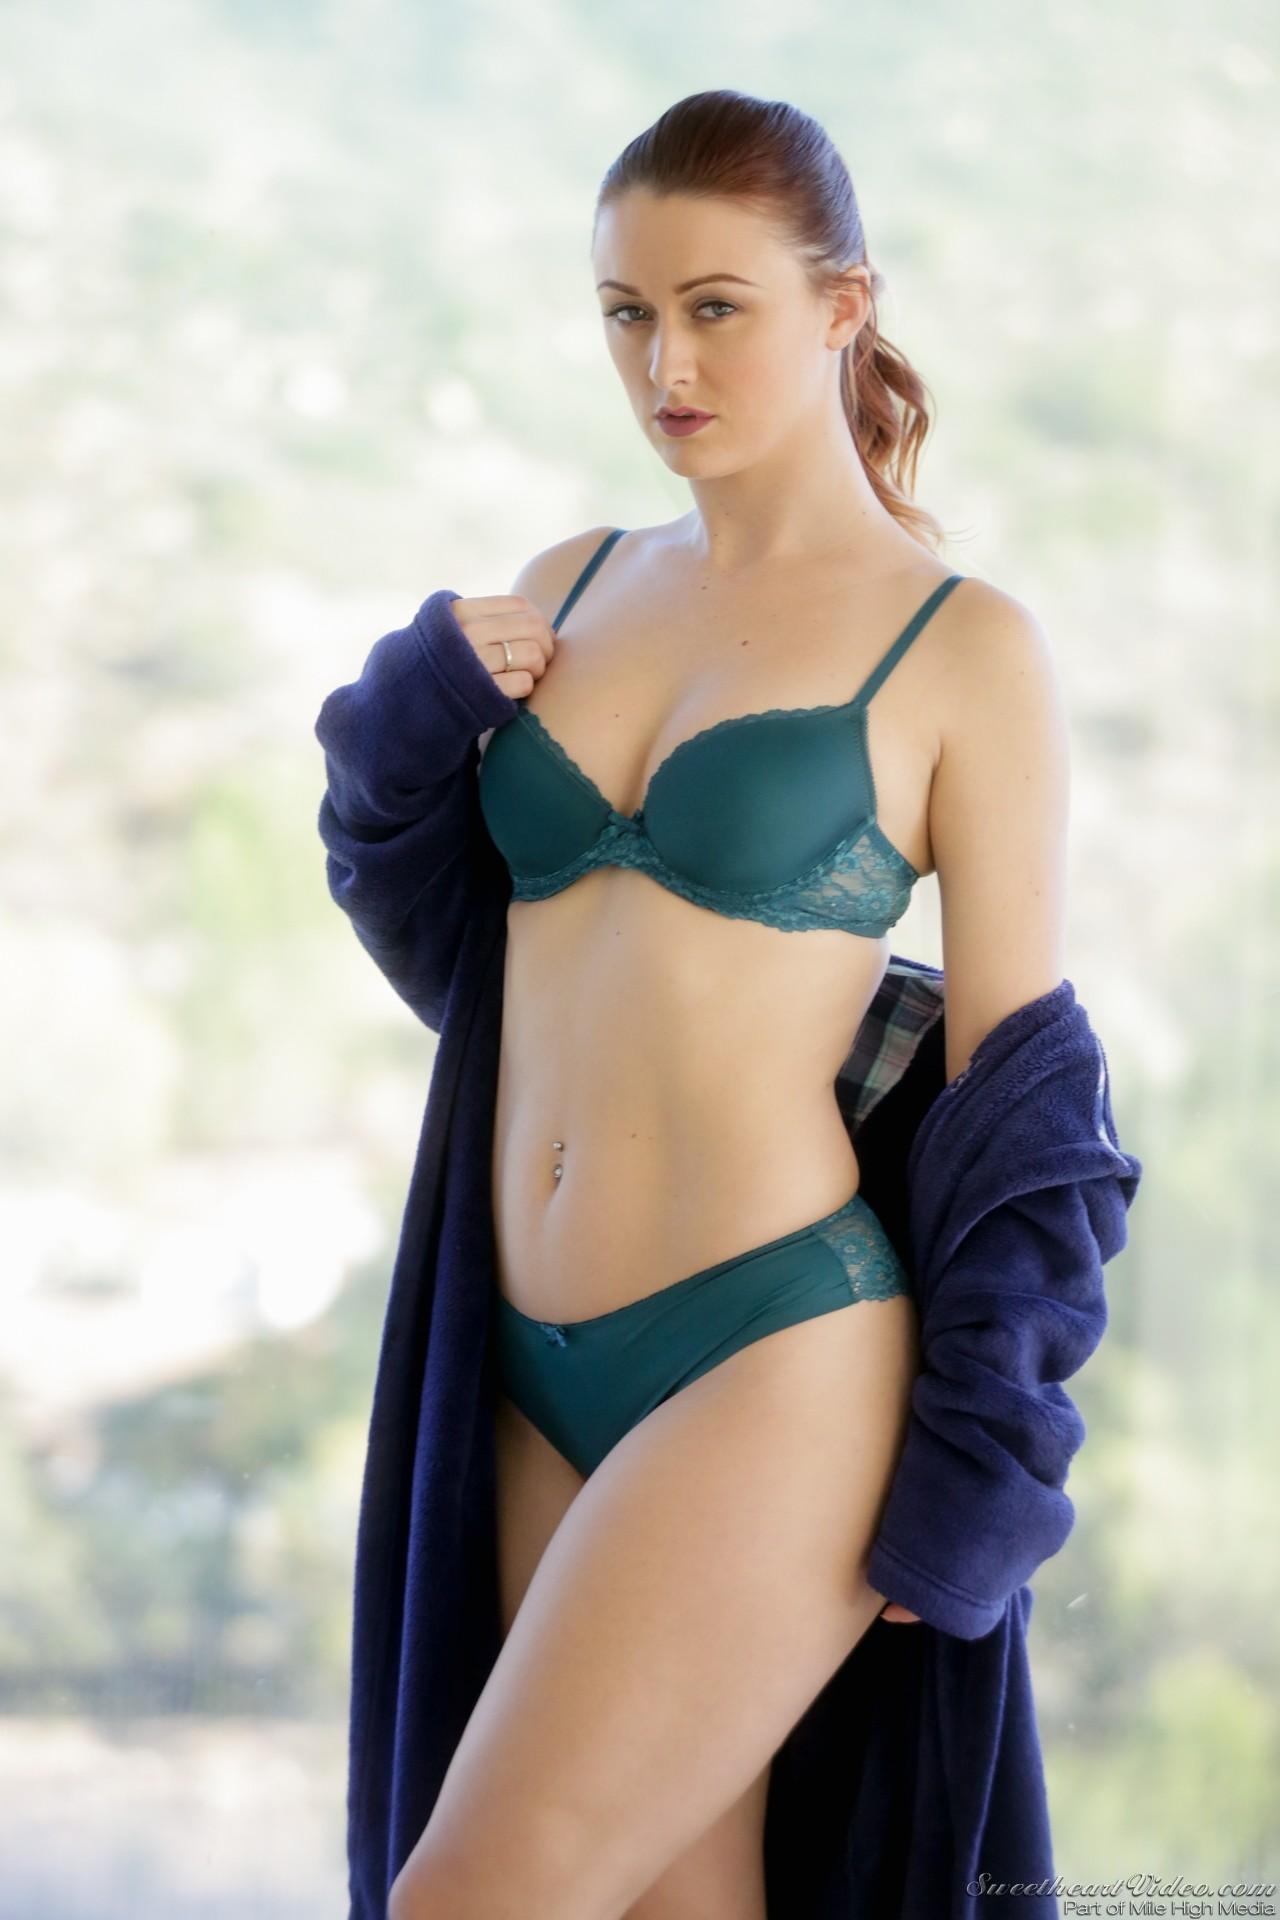 Lesbische Schönheit Karlie Montana macht Ihre fiesen freundin gehen Sie verrückt mit Vergnügen